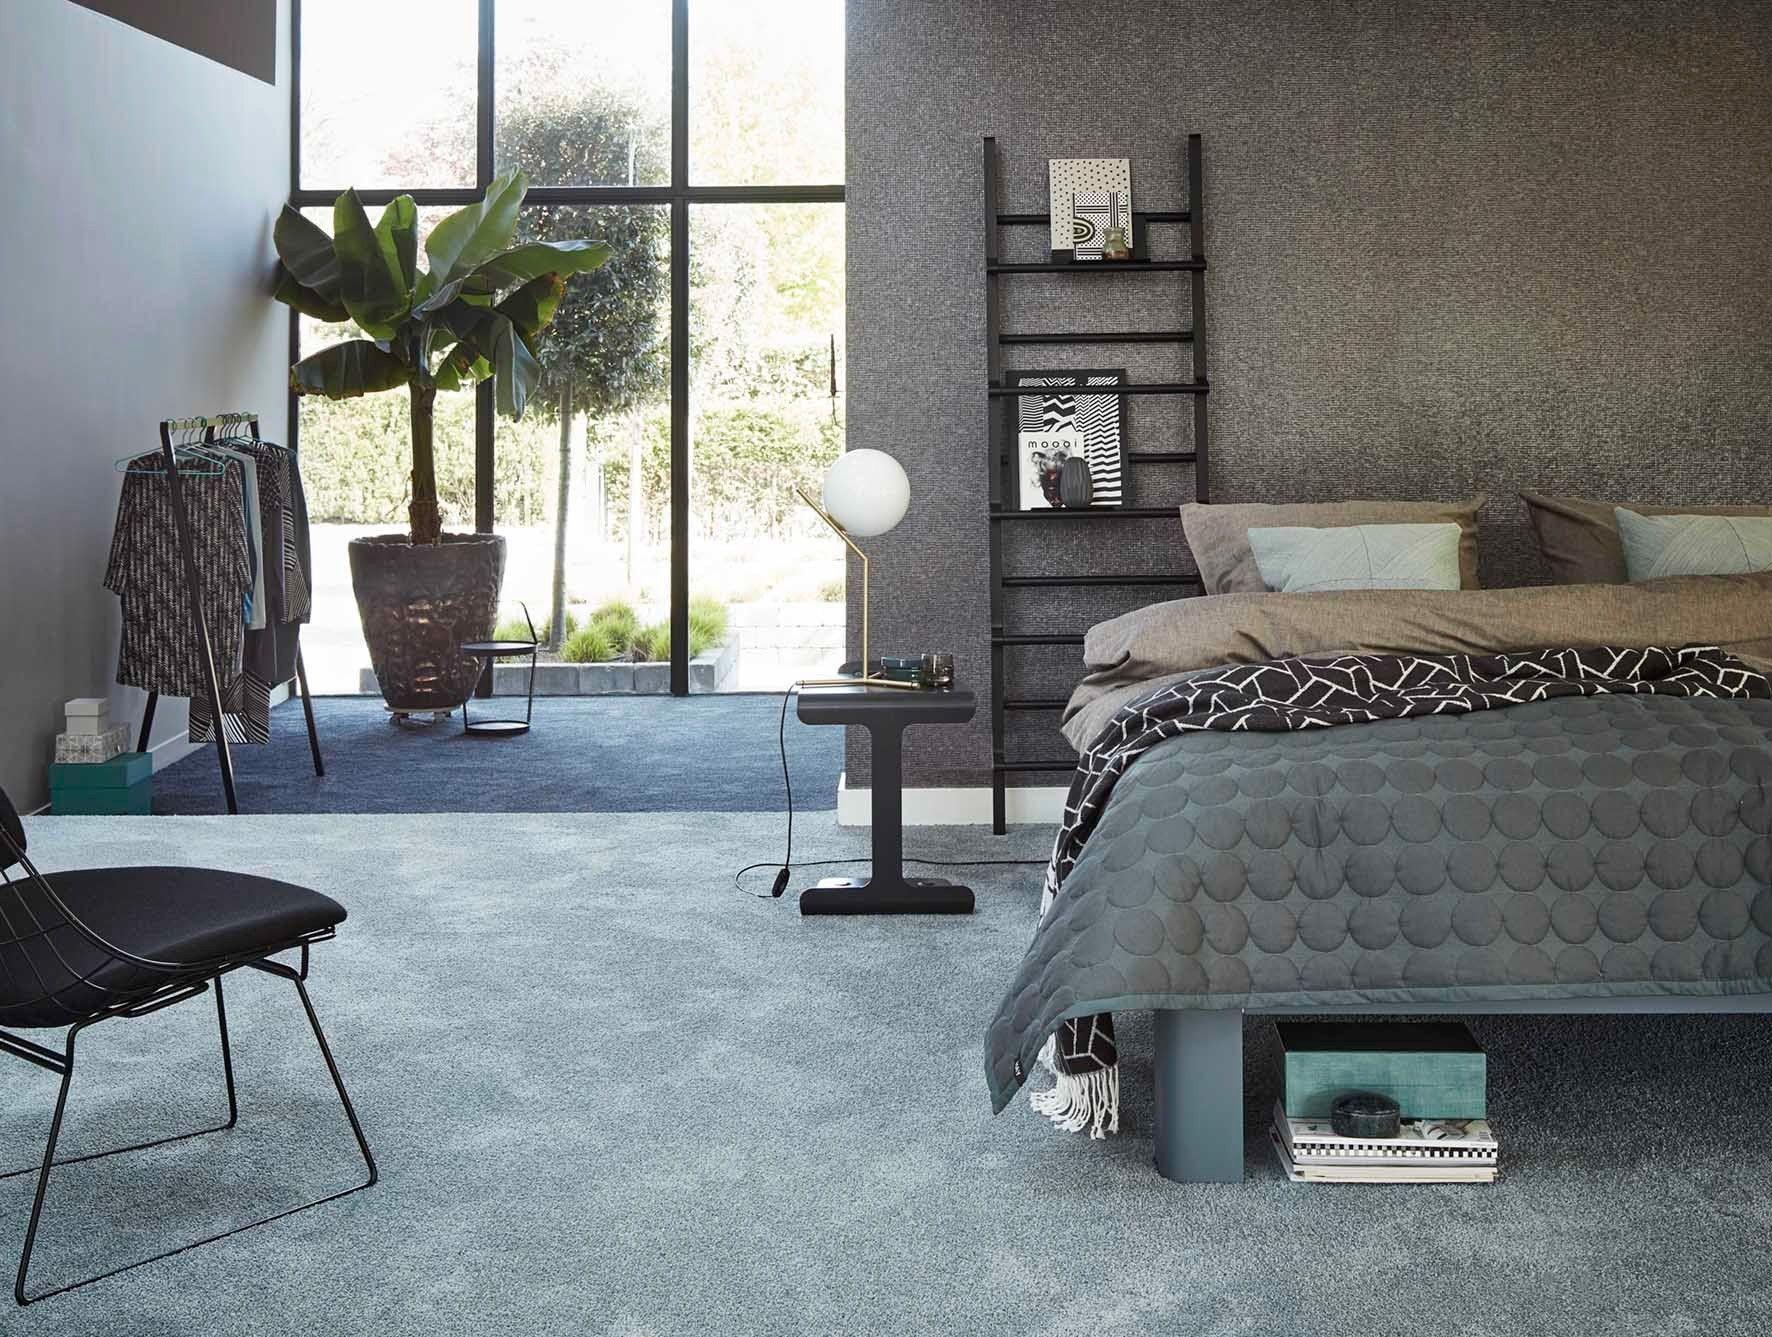 Blauwe Vloerbedekking Slaapkamer : Parade touch extra: zacht is de nieuwe luxe pinterest trendy